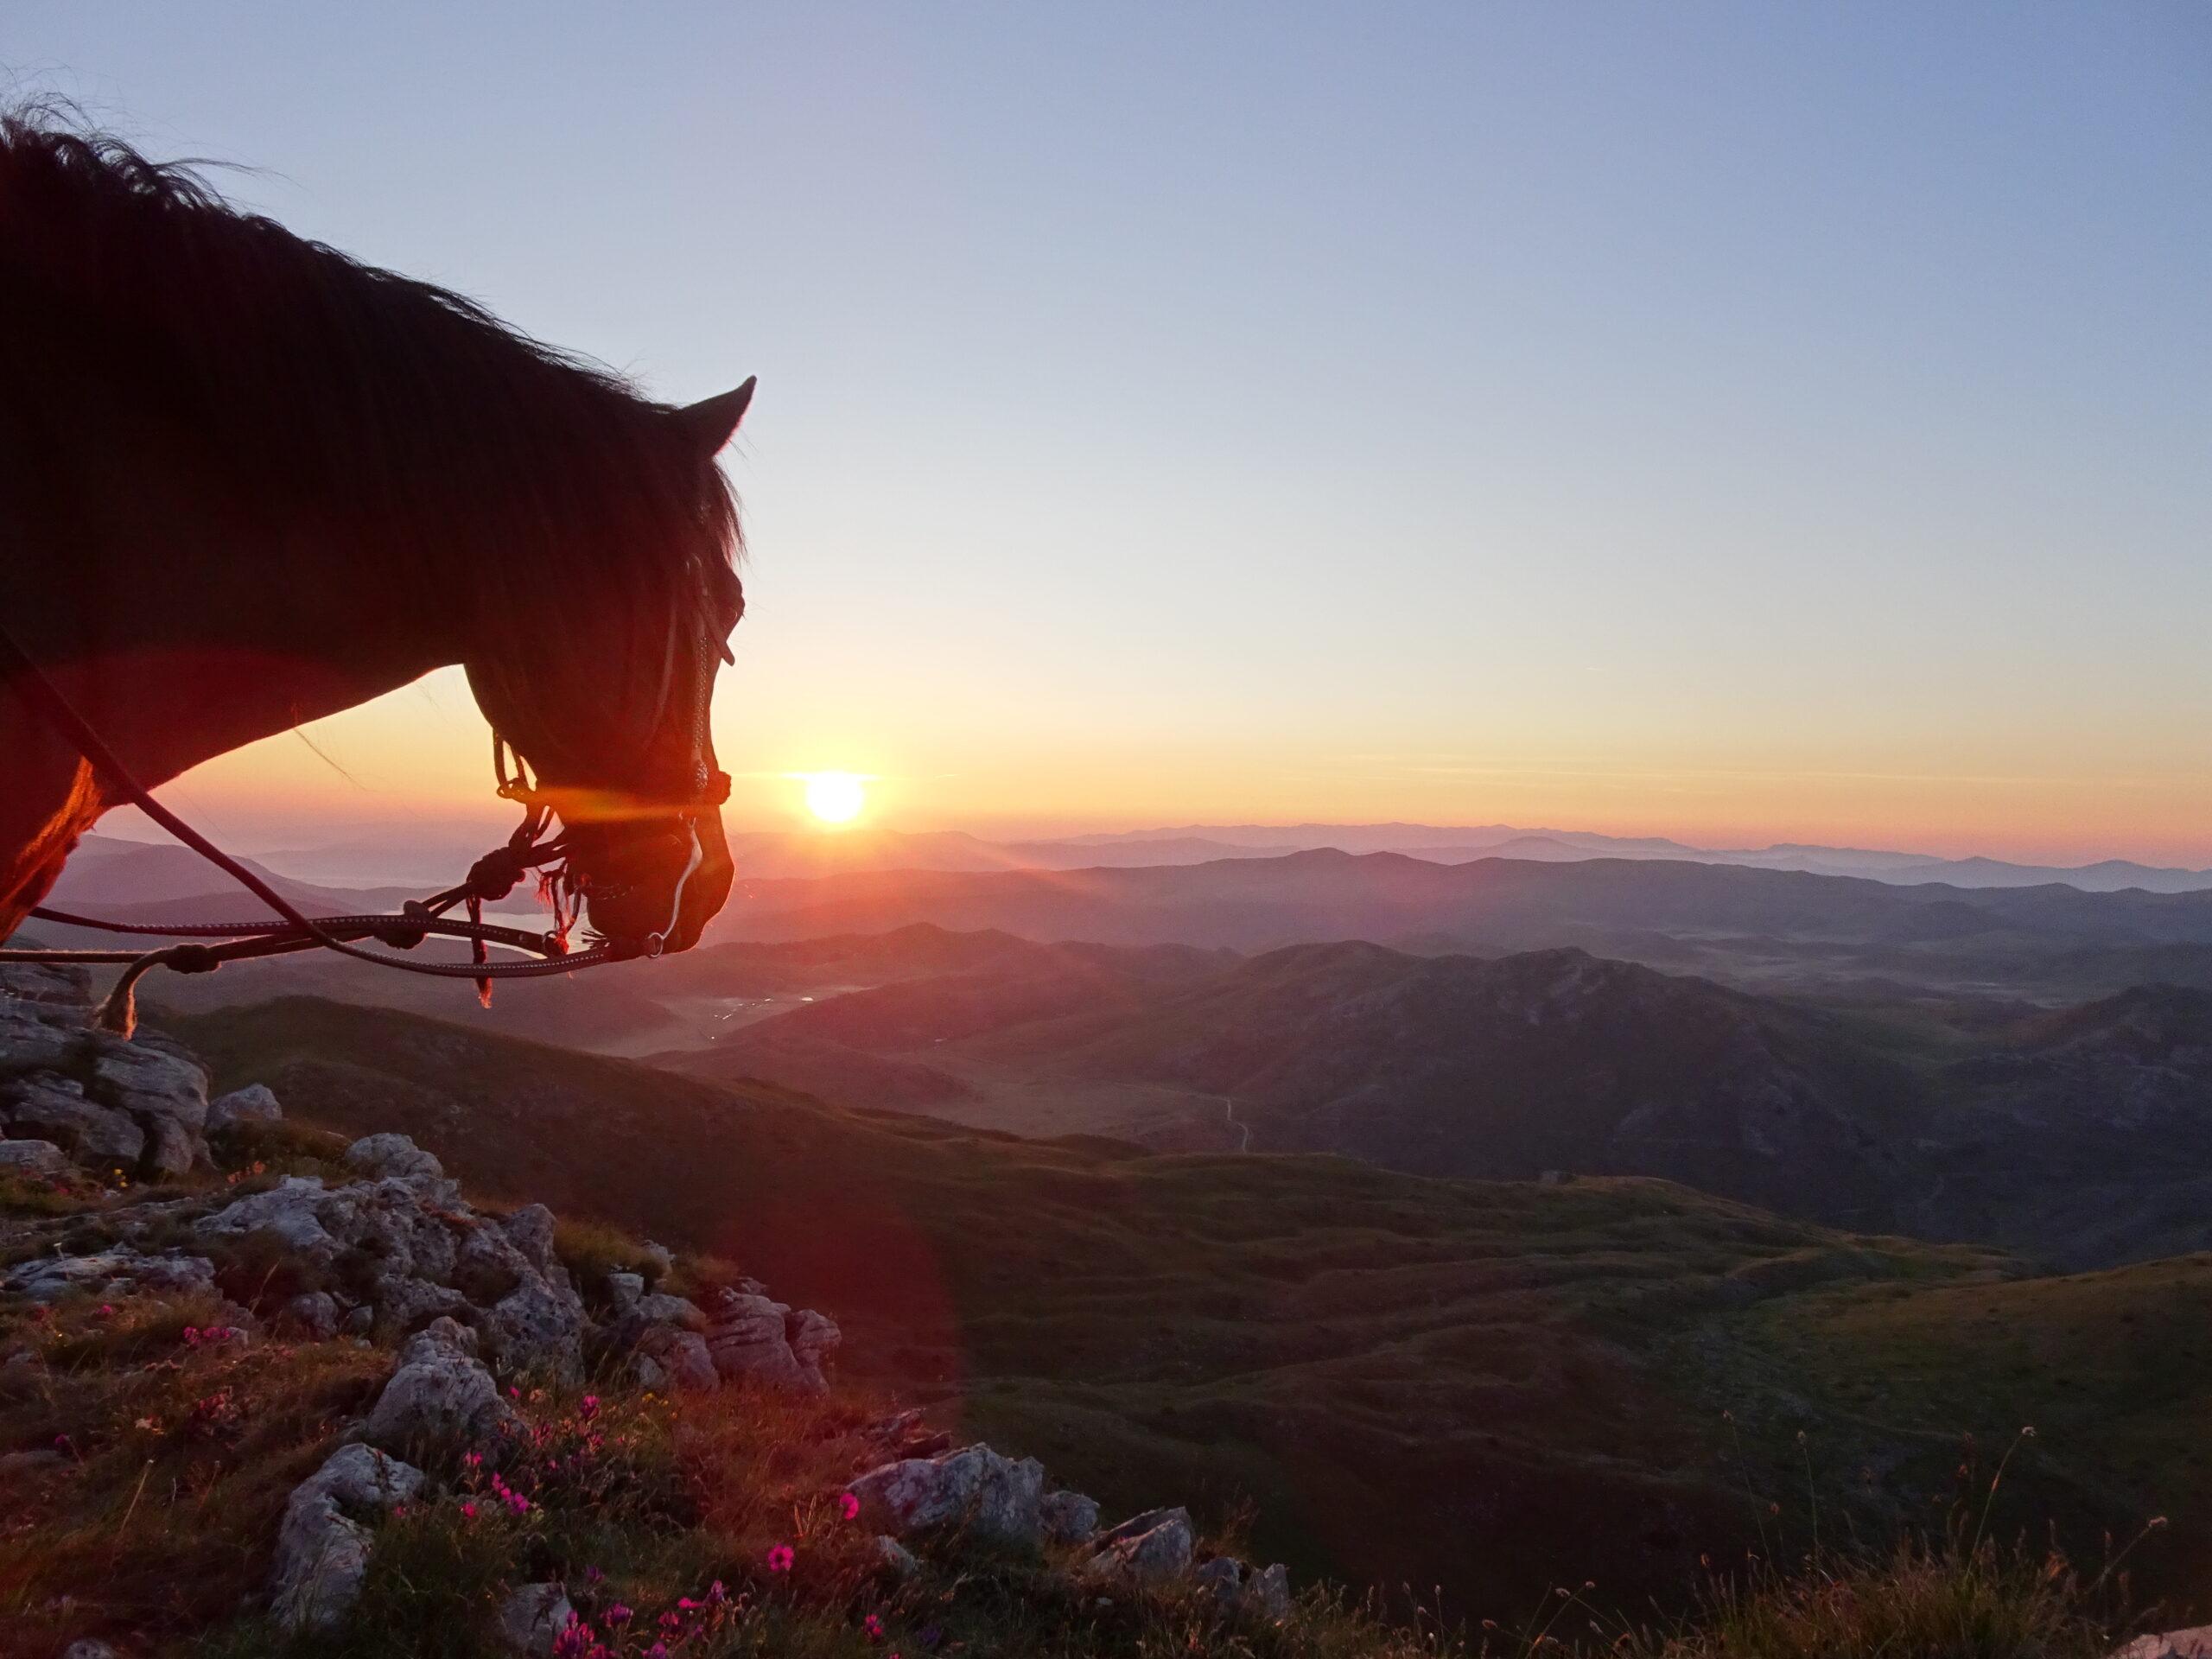 Zonsopgang in Macedonië - Vakantie te paard / Reisbureau Perlan